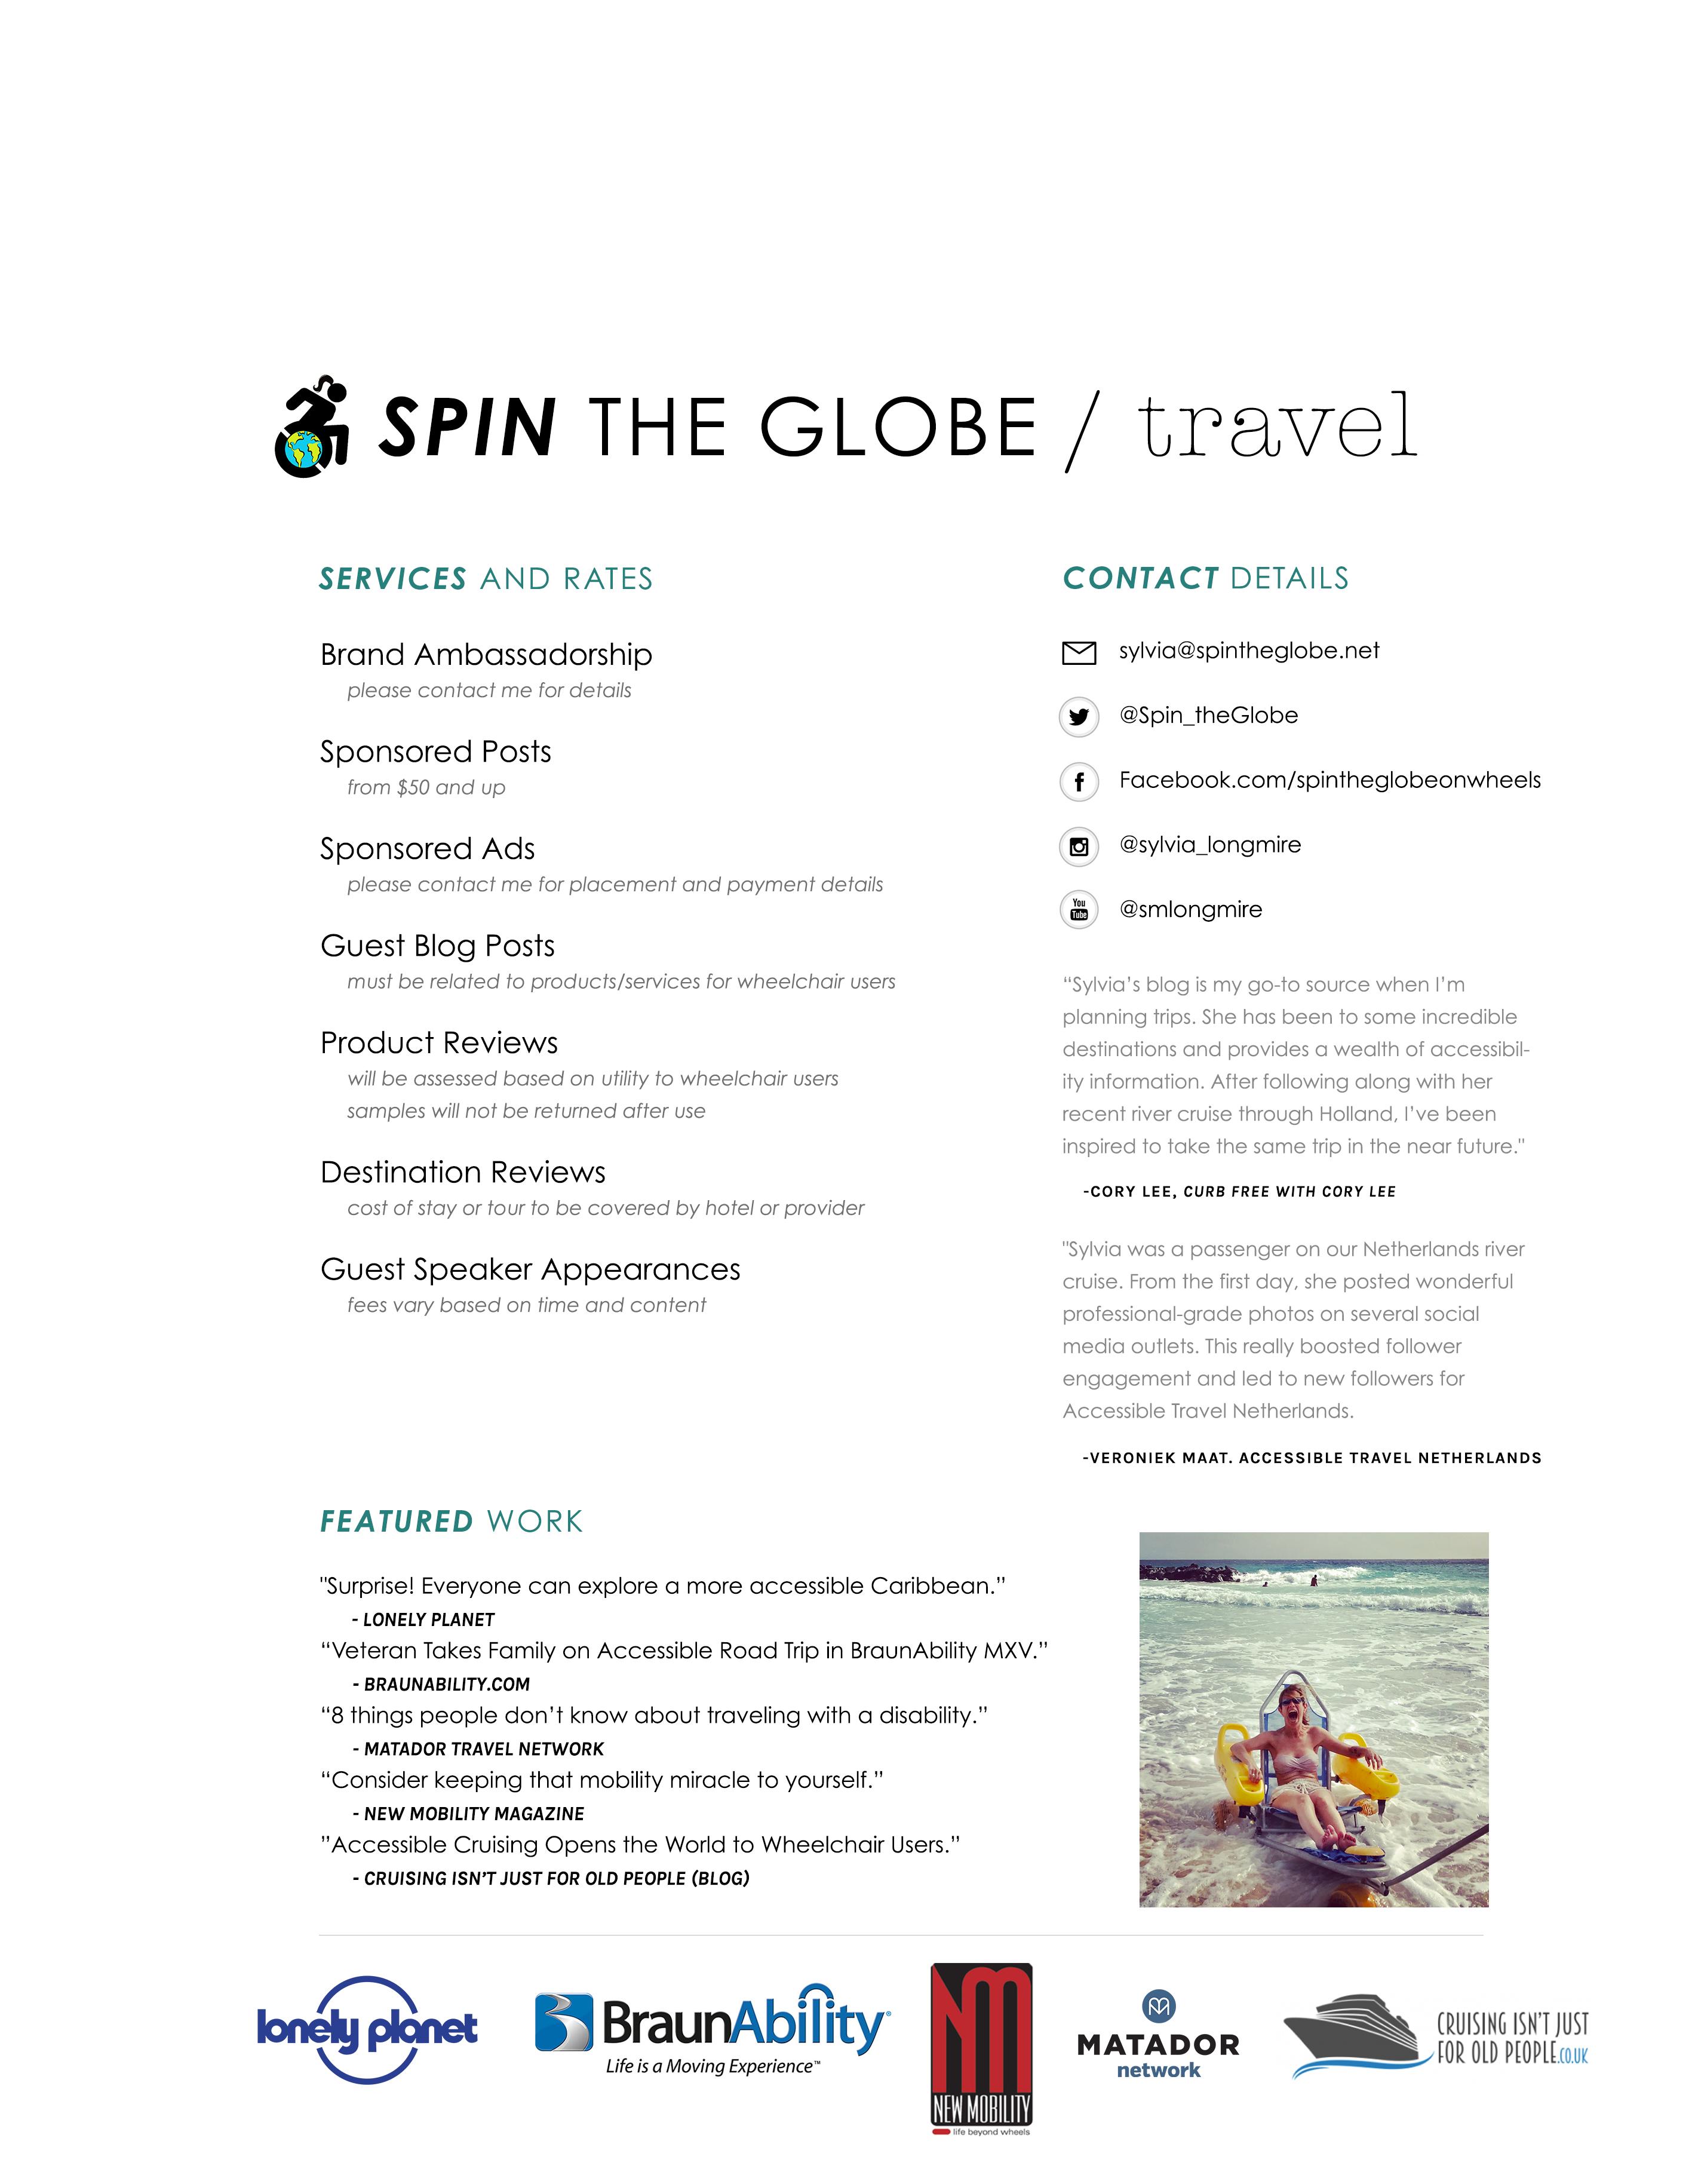 spin the globe sylvia longmire media kit [age 2